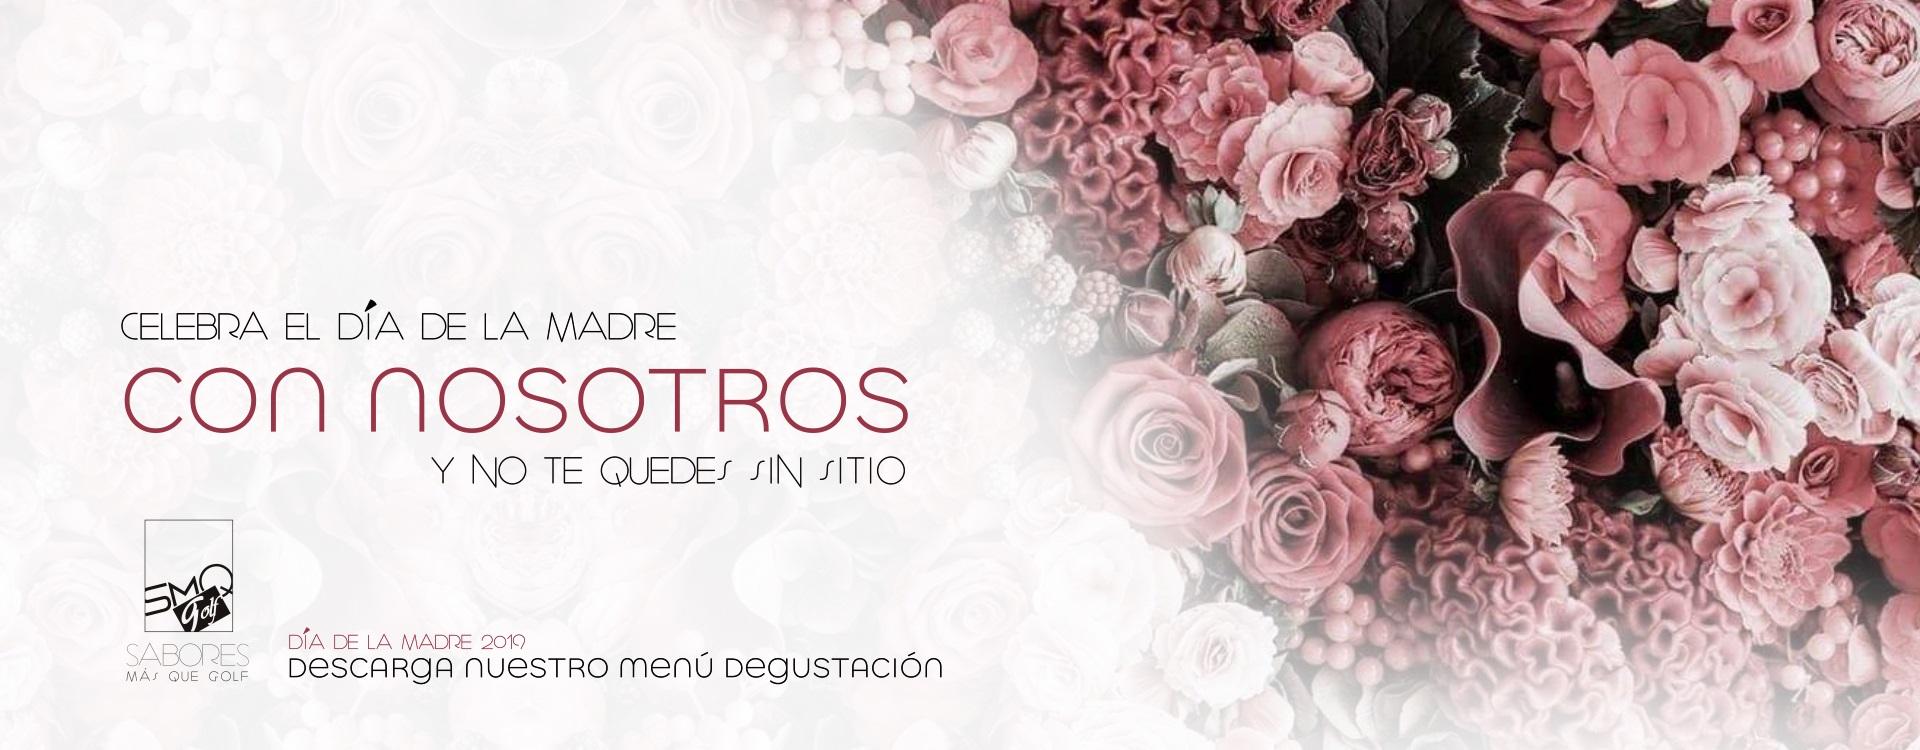 Joaquin Molpeceres Día de la Madre restaurante Encin Sabores Más que Golf